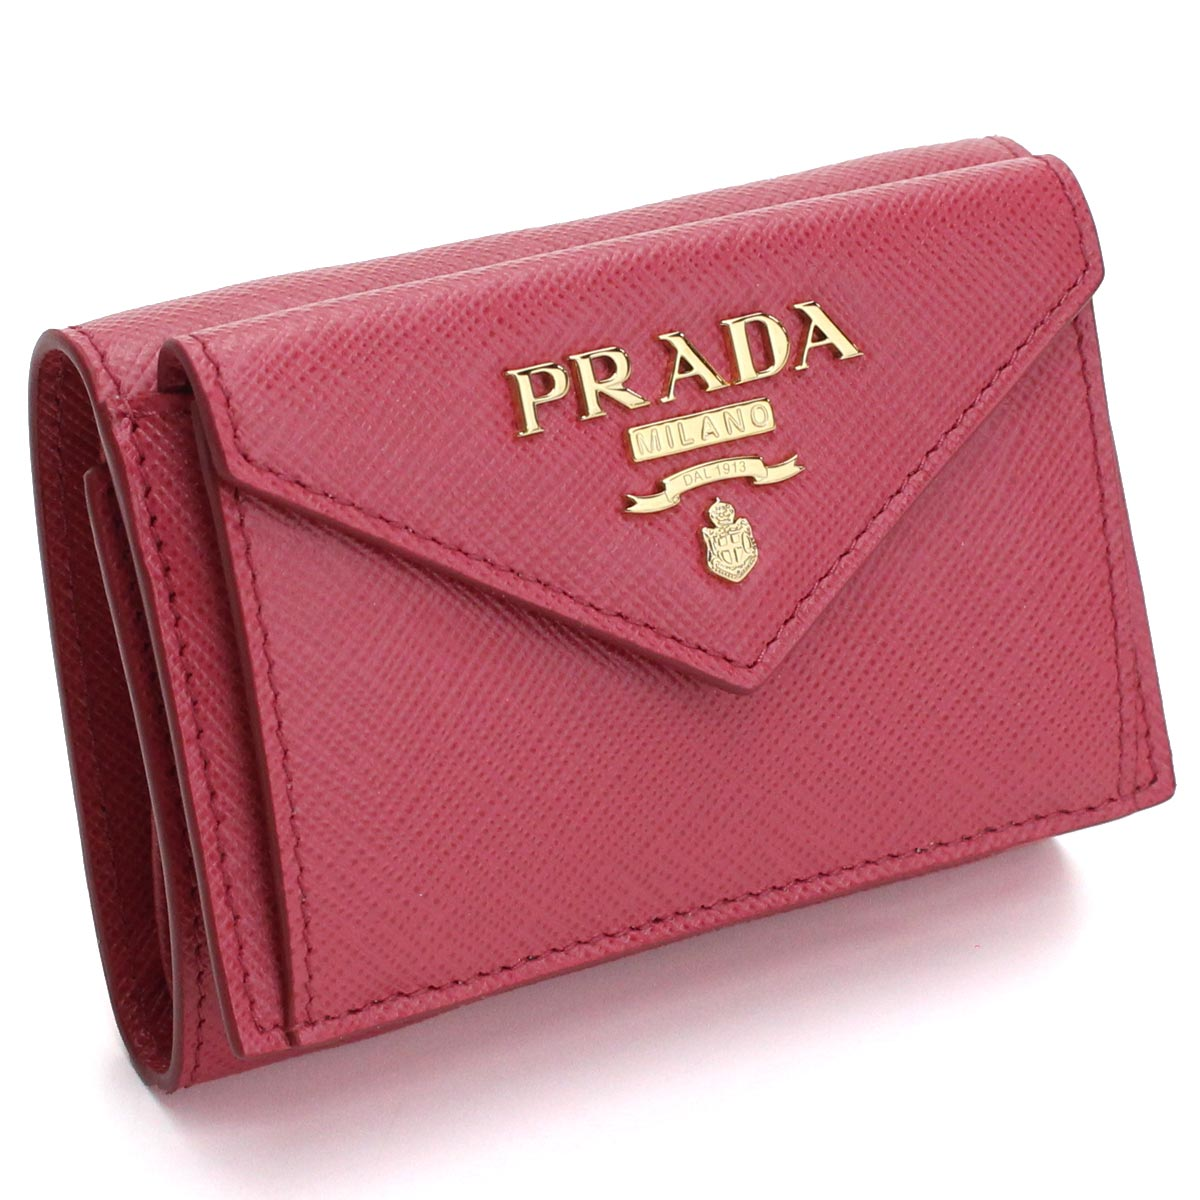 プラダ PRADA サフィアーノ メタル 3つ折り財布 ミニ財布 1MH021 QWA F0505 PEONIA ピンク系 レディース【キャッシュレス 5% 還元】